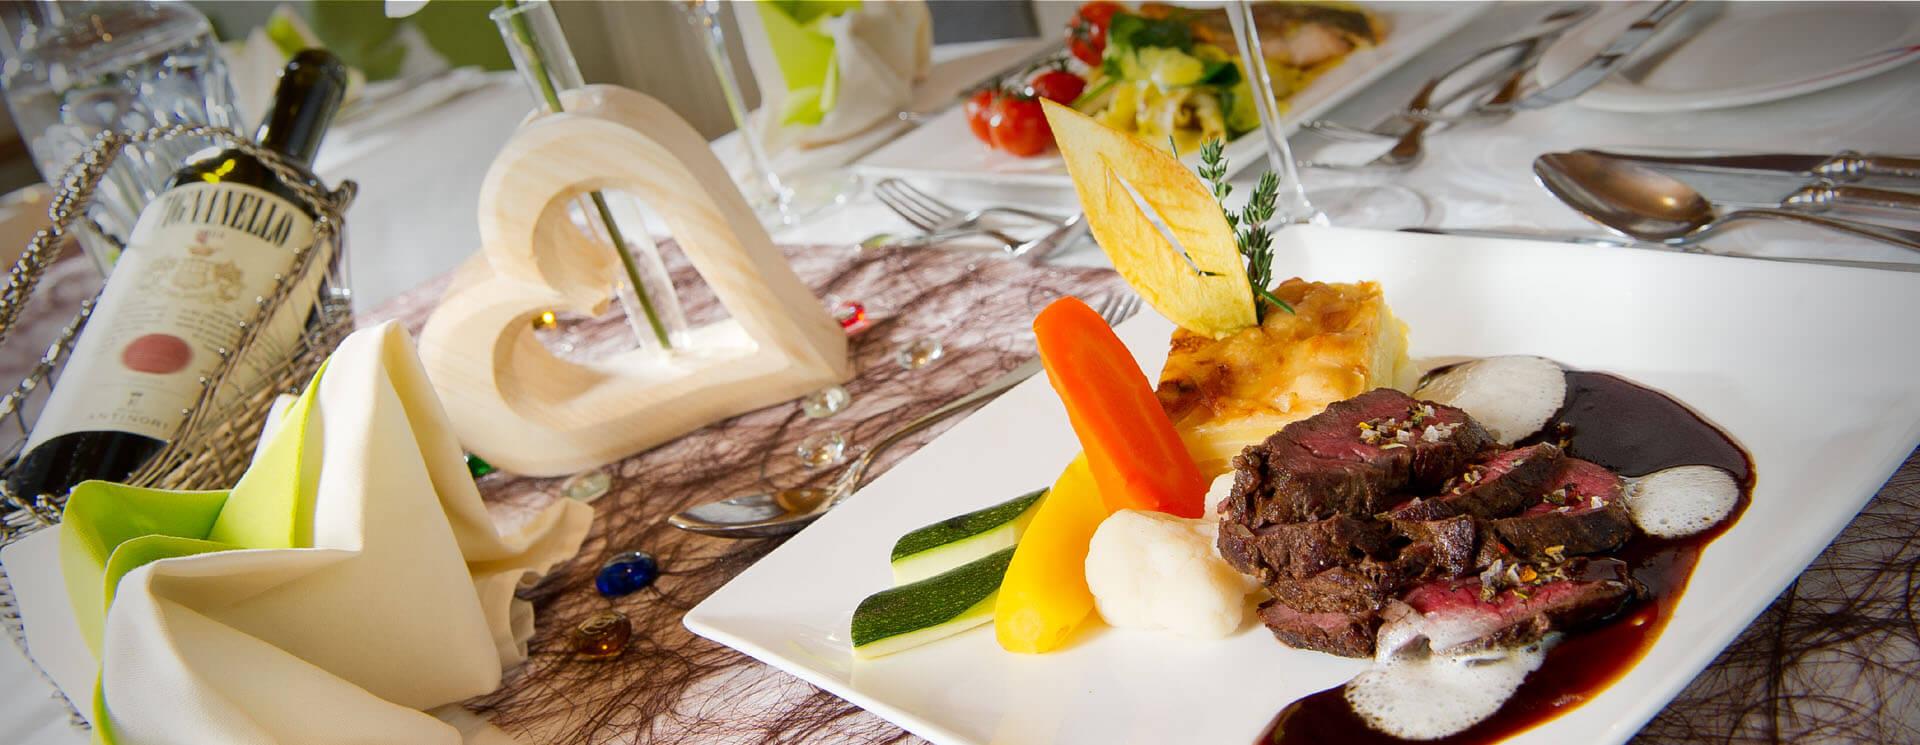 Kulinarik & Wein und kulinarischer Genuss im Salzburgerhof Zauchensee